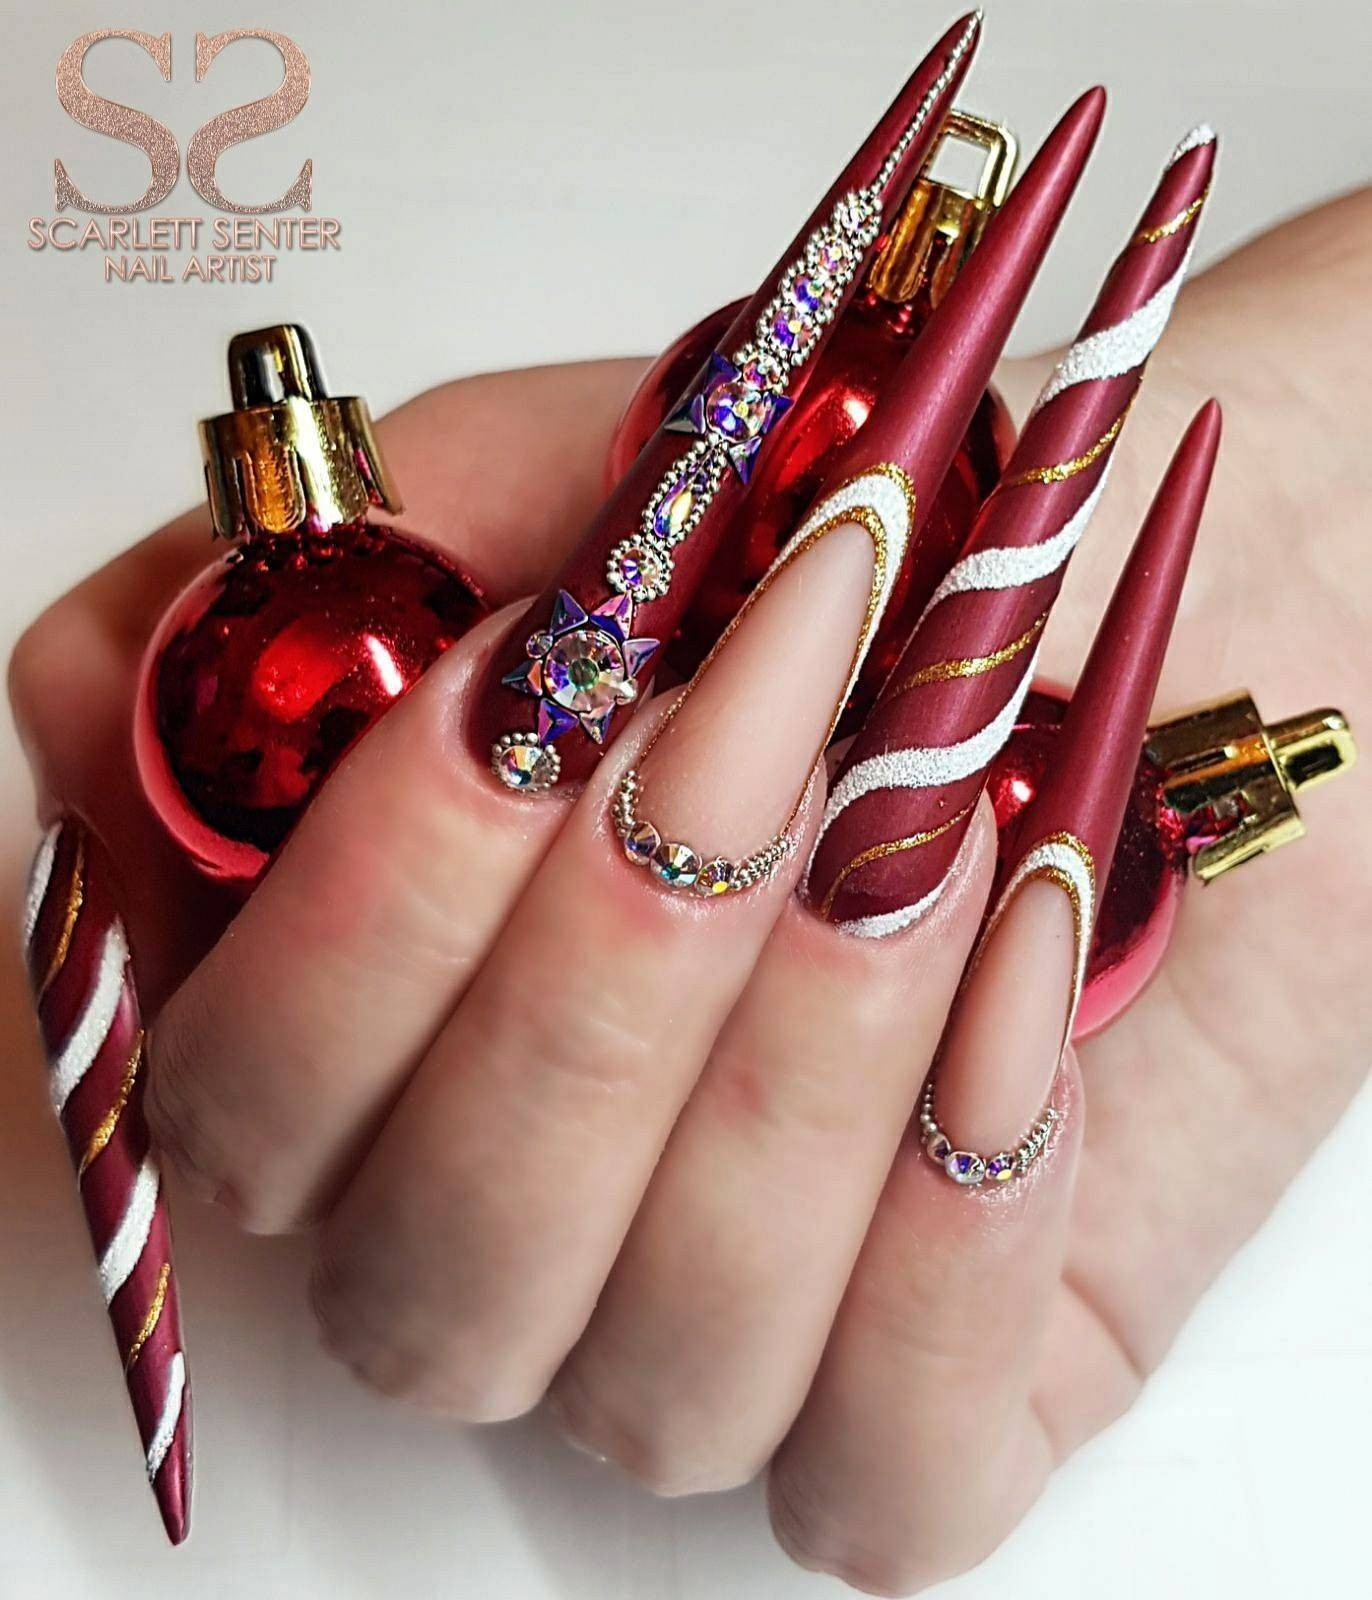 Christmas Nails Gel.Scarlett Senter Nail Artist Stiletto Christmas Nails Bling